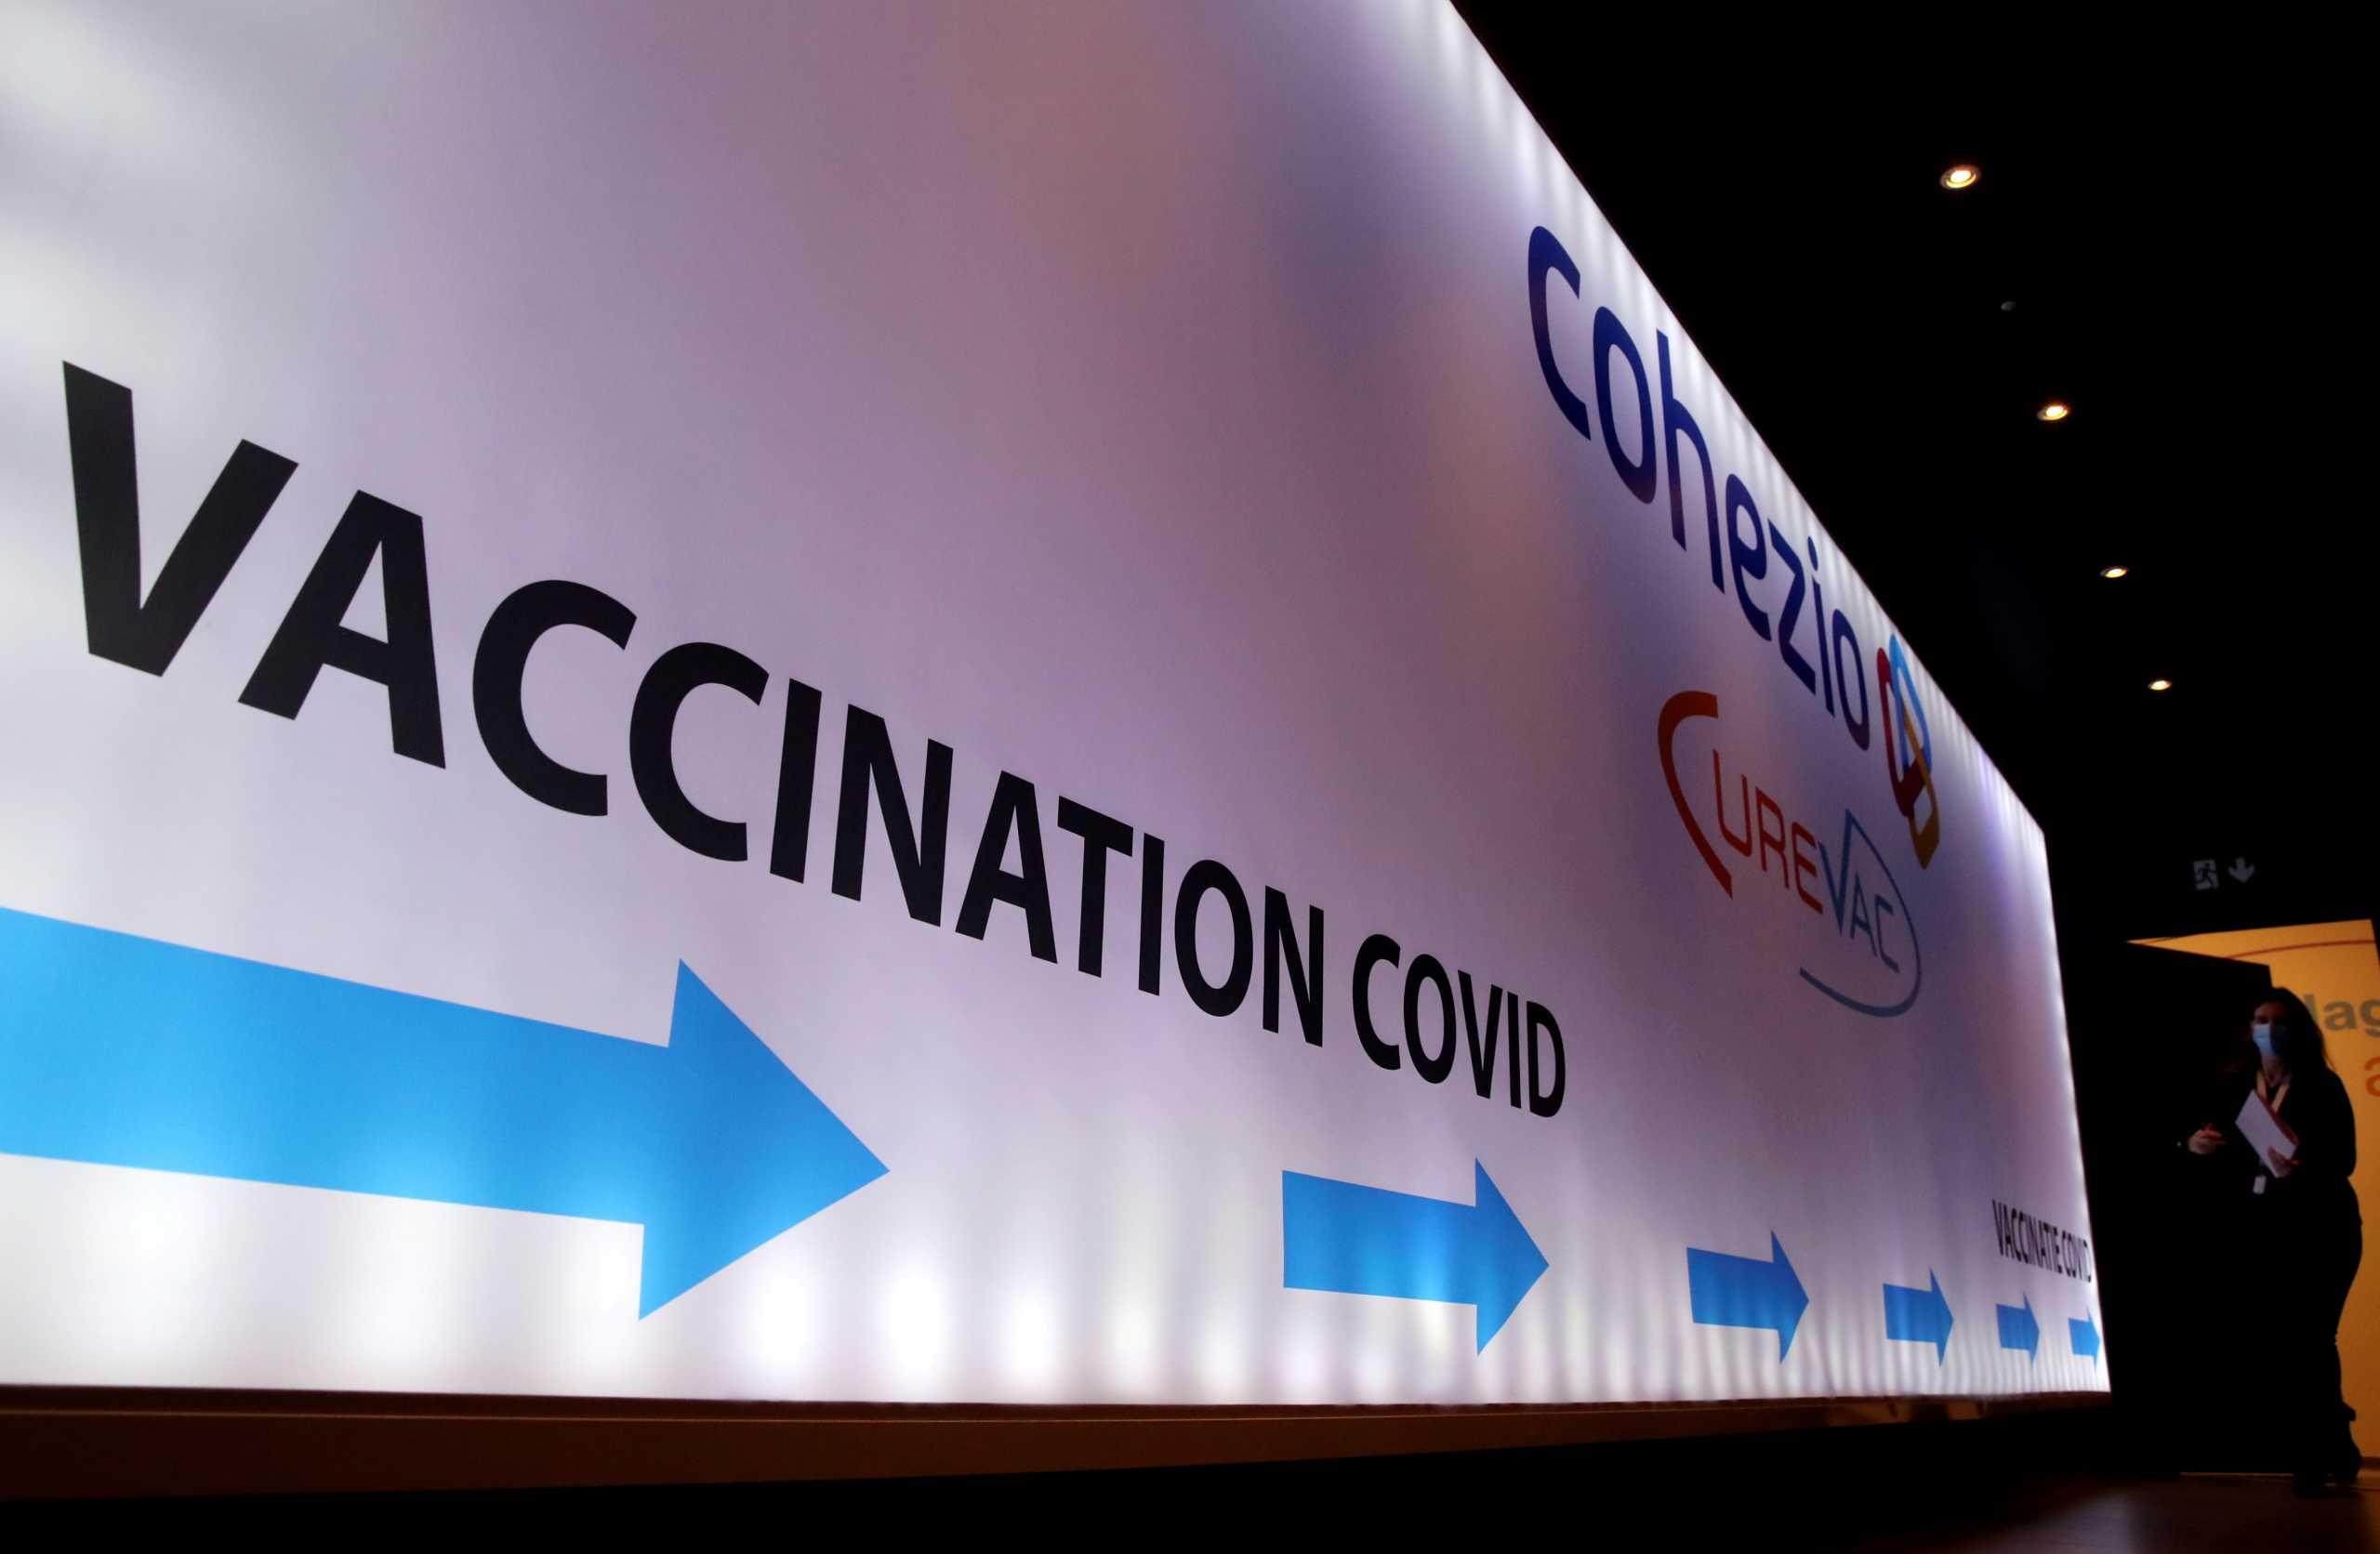 Βέλγιο: Πιστοποιητικό εμβολιασμού για όσους έχουν εμβολιαστεί στις Βρυξέλλες